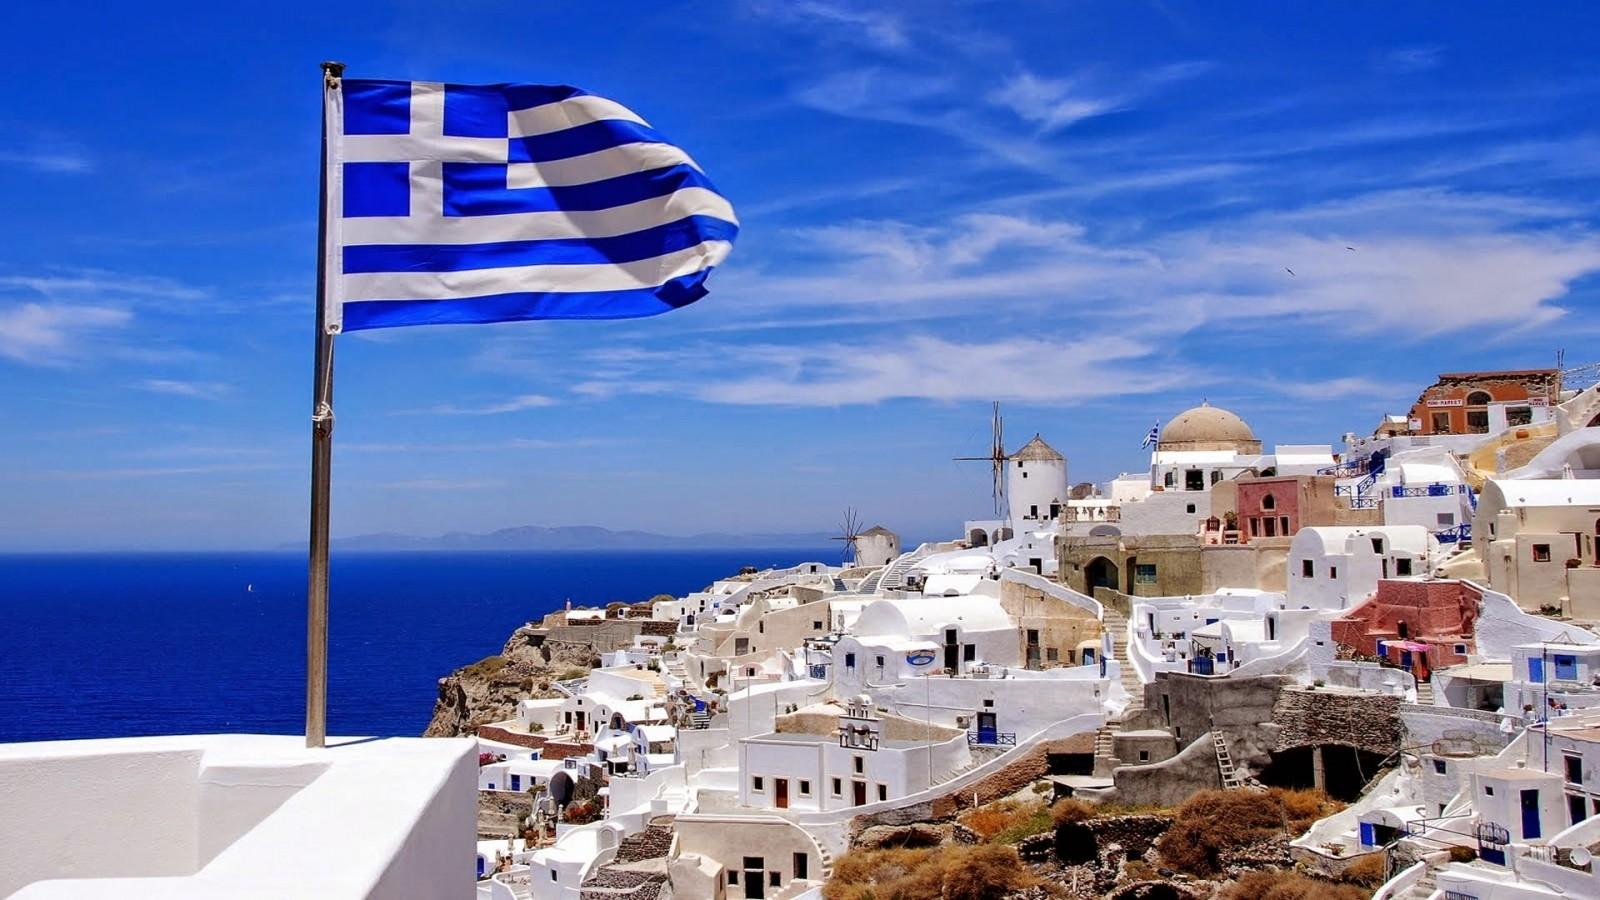 ТОП-20 достопримечательностей прекрасной Греции: фото, названия, описание